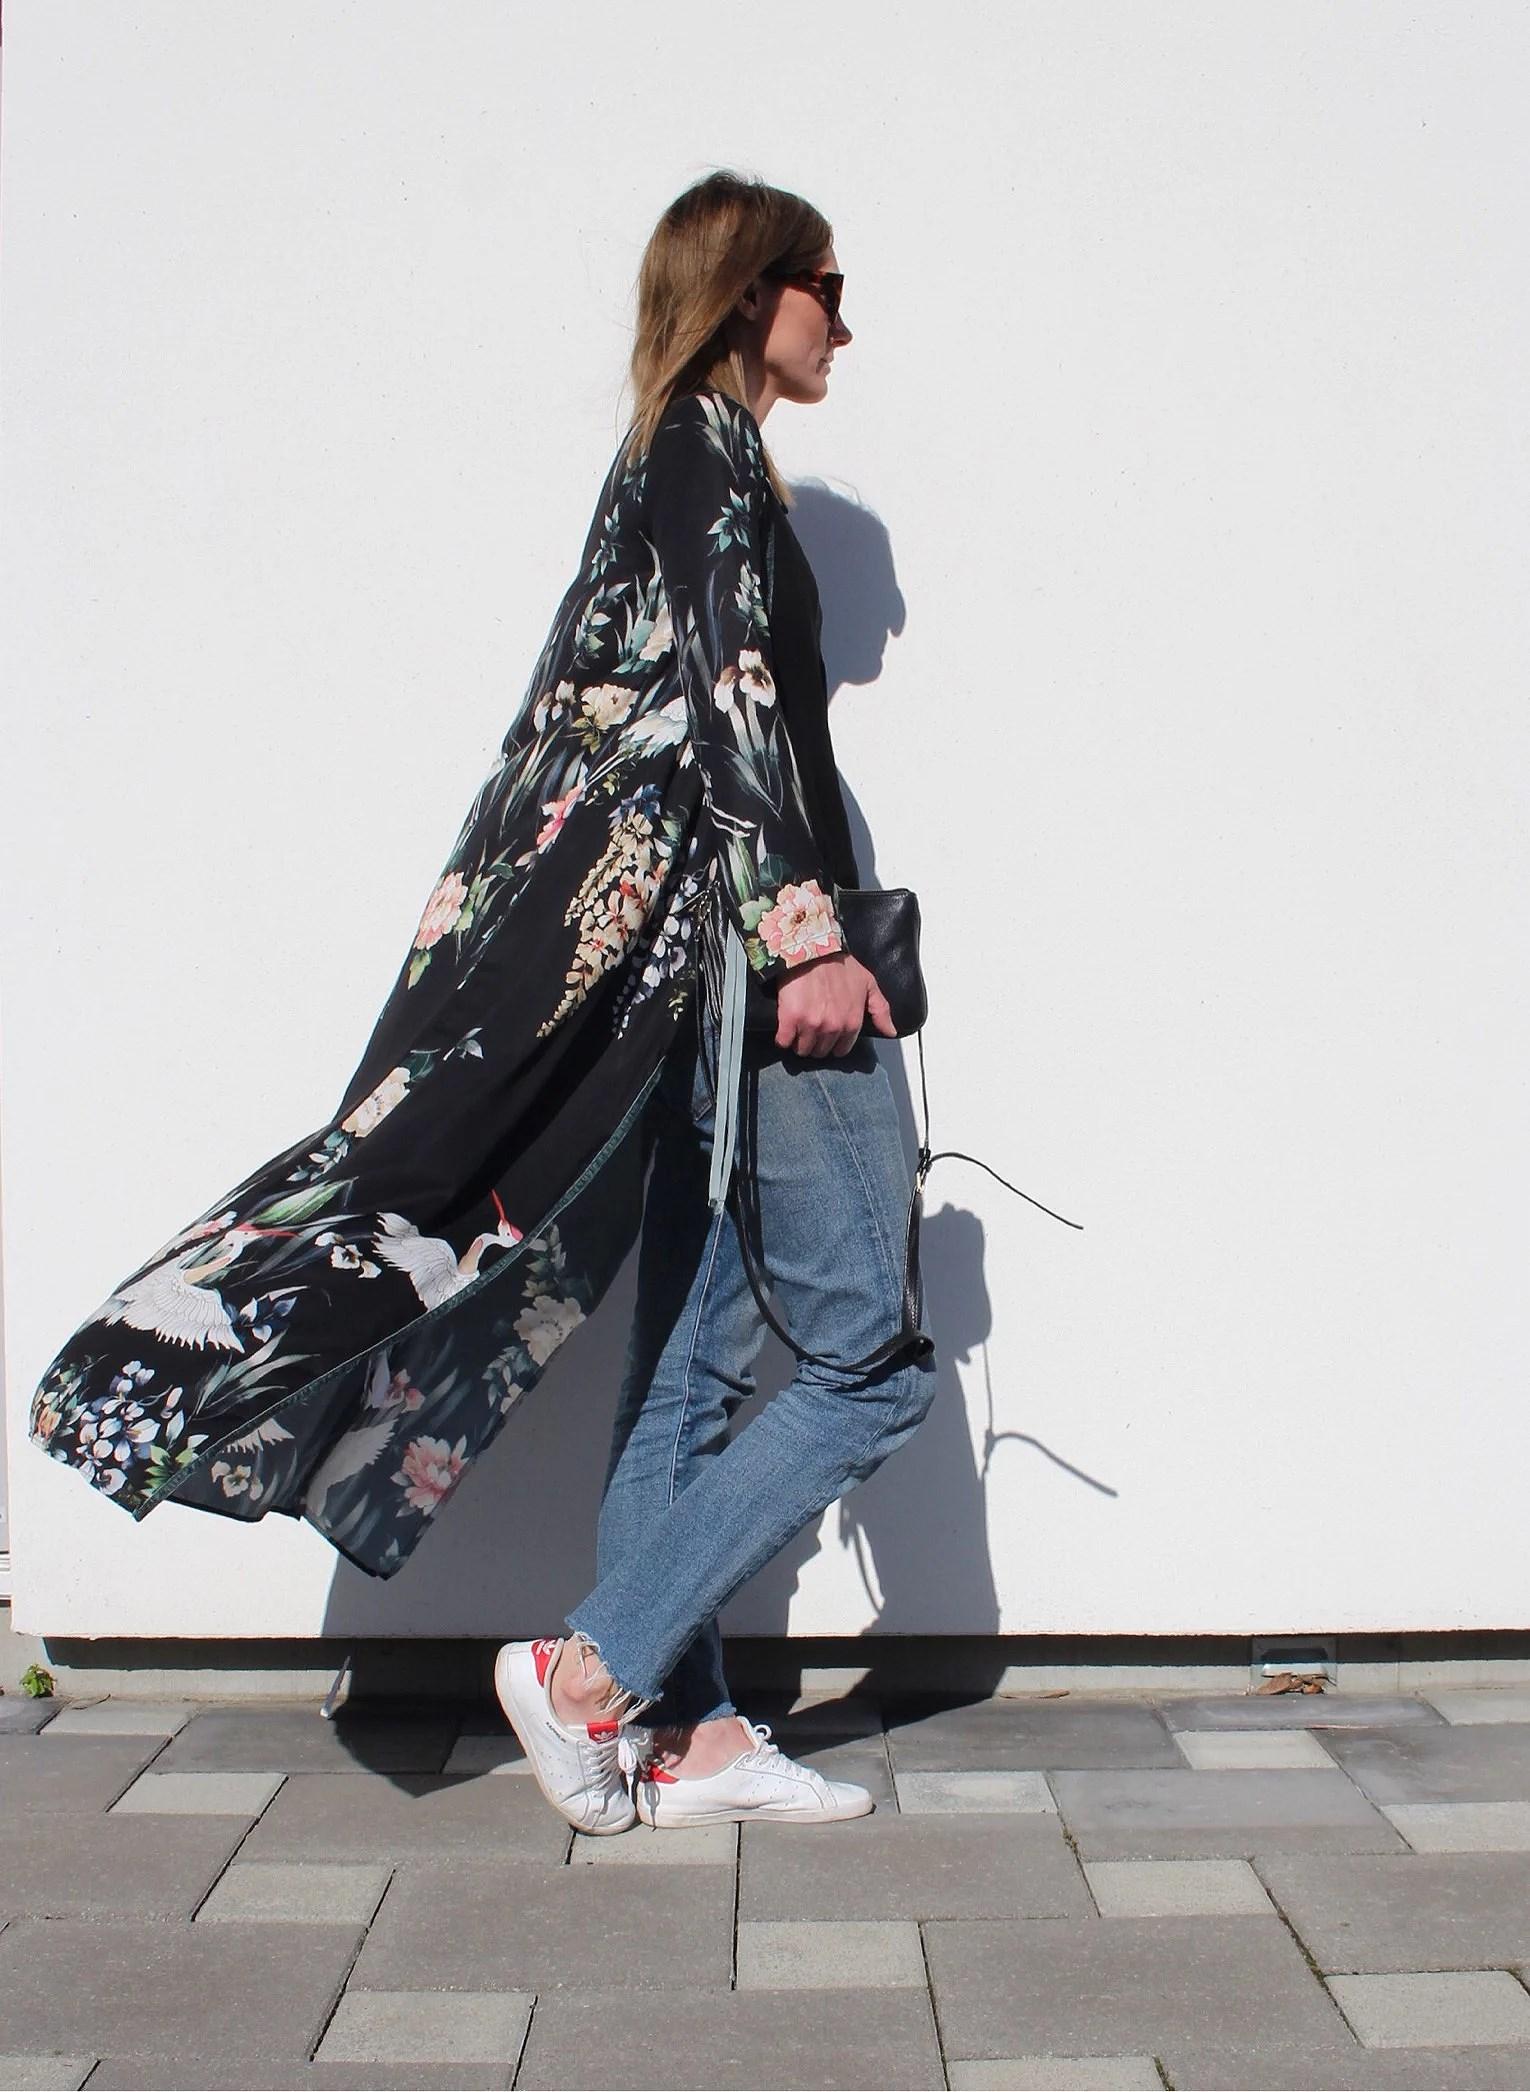 Kimono weather